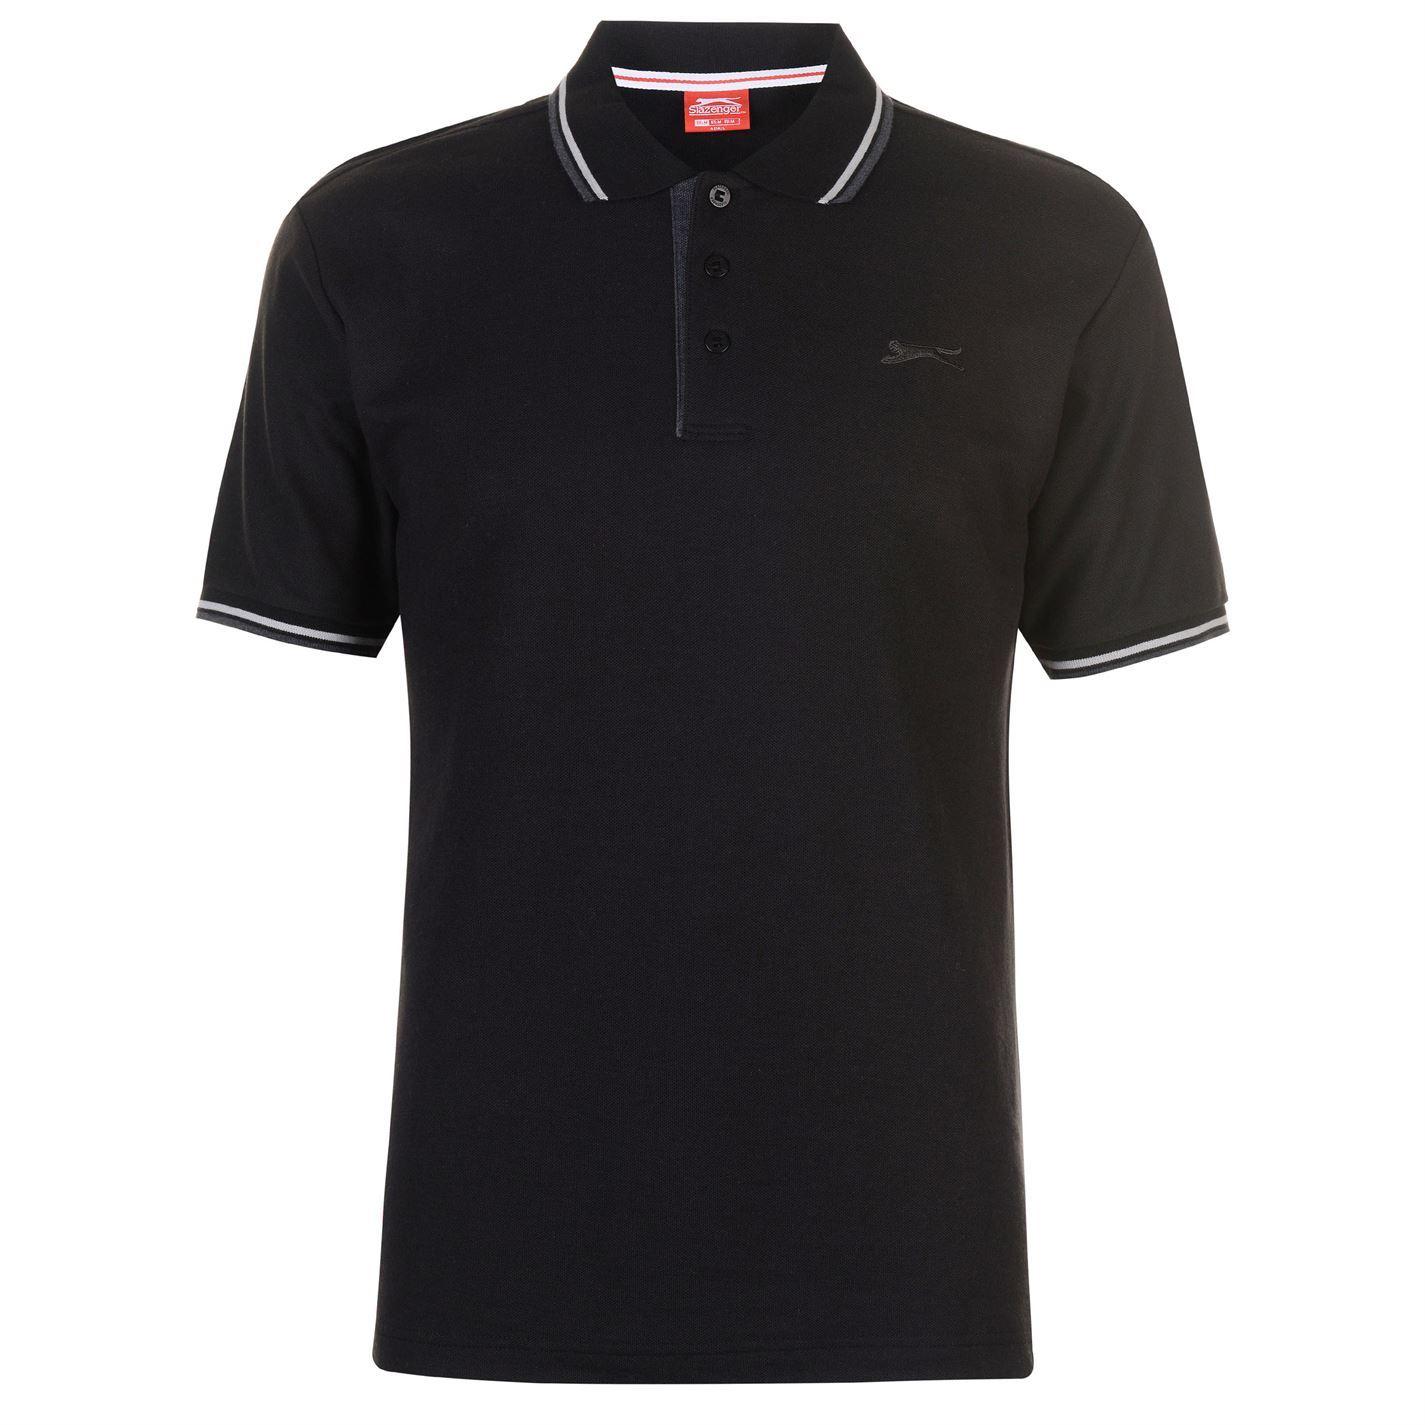 Slazenger-Polo-Camisa-de-hombre-con-cuello-con-Punta-T-Shirt-Top-Camiseta-Tee miniatura 7